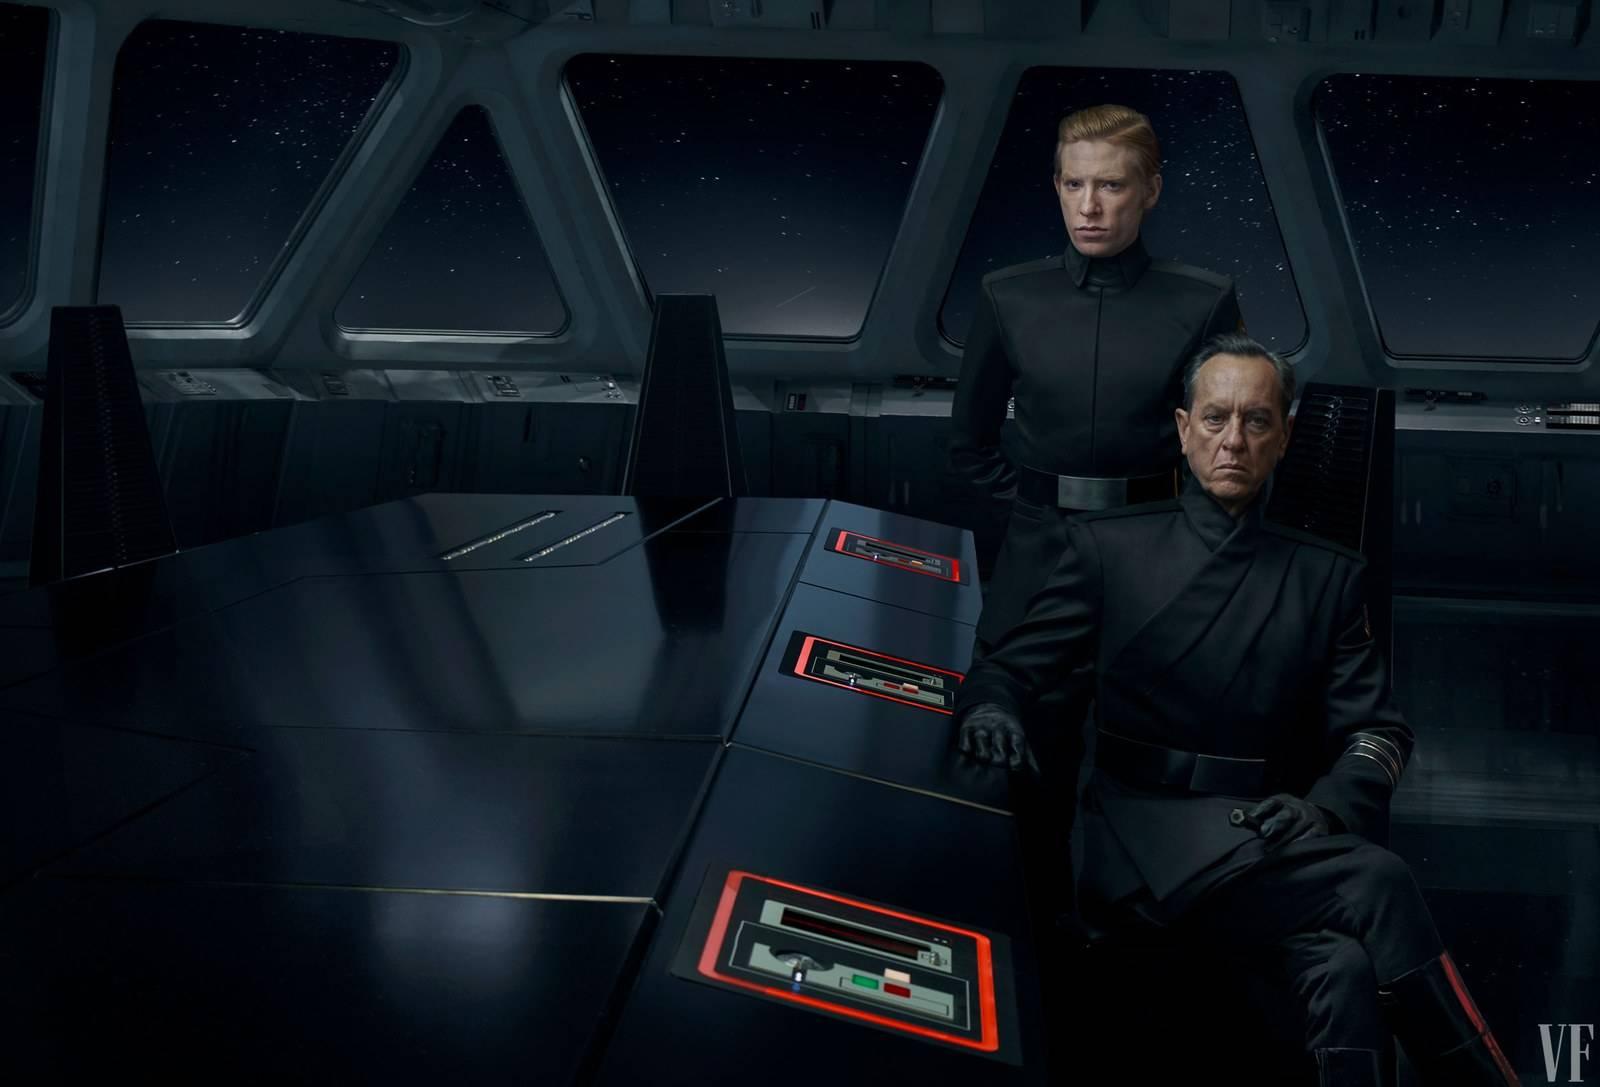 Кадры девятого эпизода «Звёздных войн» — «Скайоукер. Восход» 9